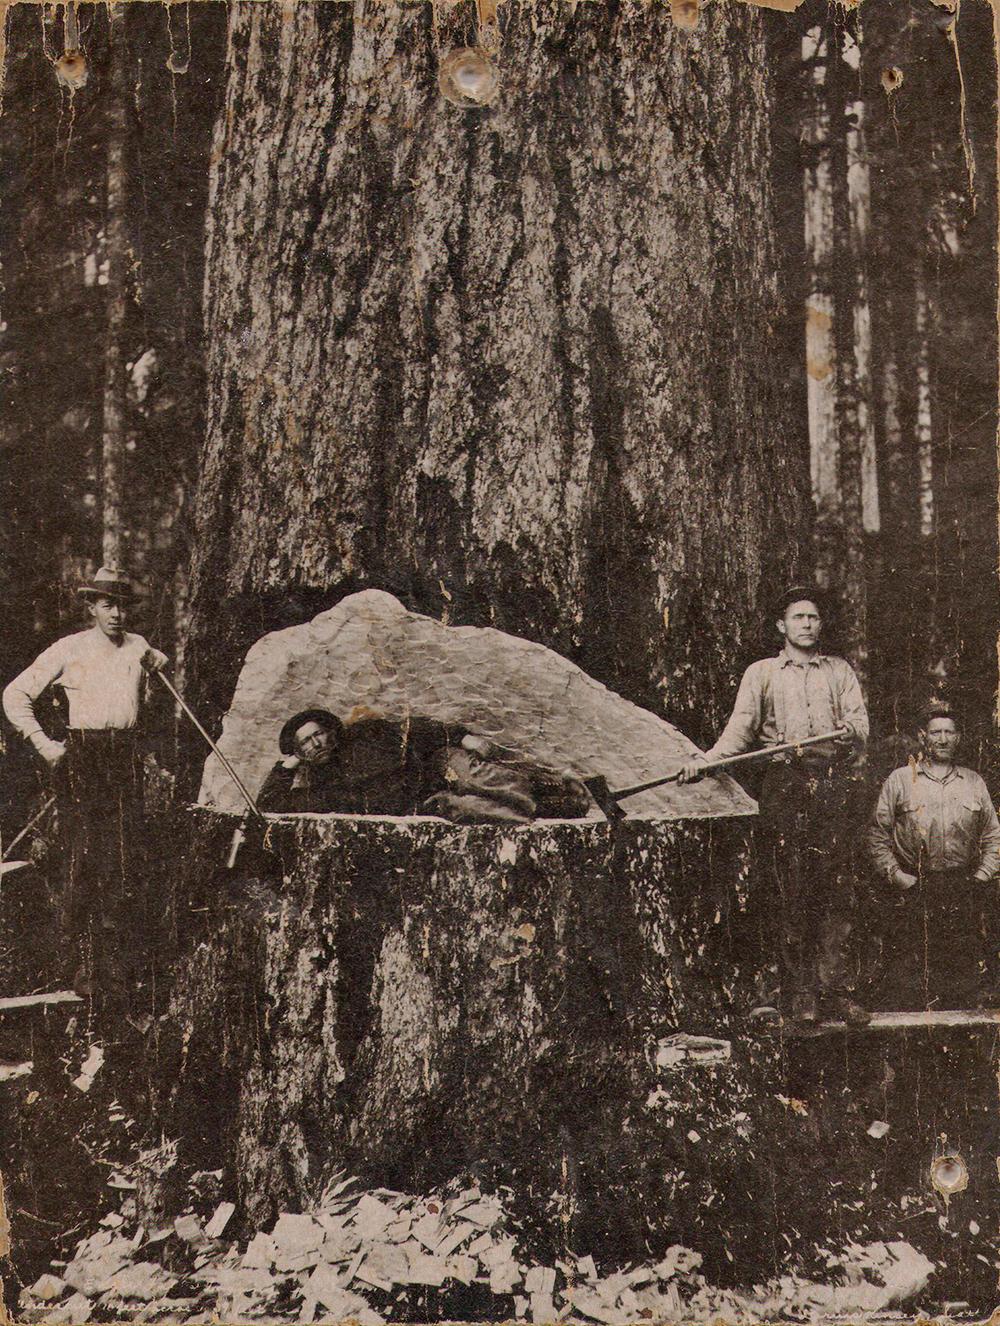 Lumberjacks2-1500px.jpg